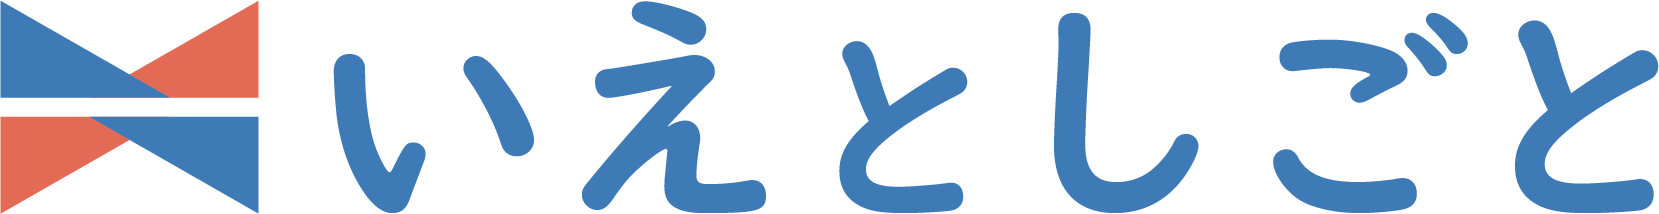 いえとしごとロゴ